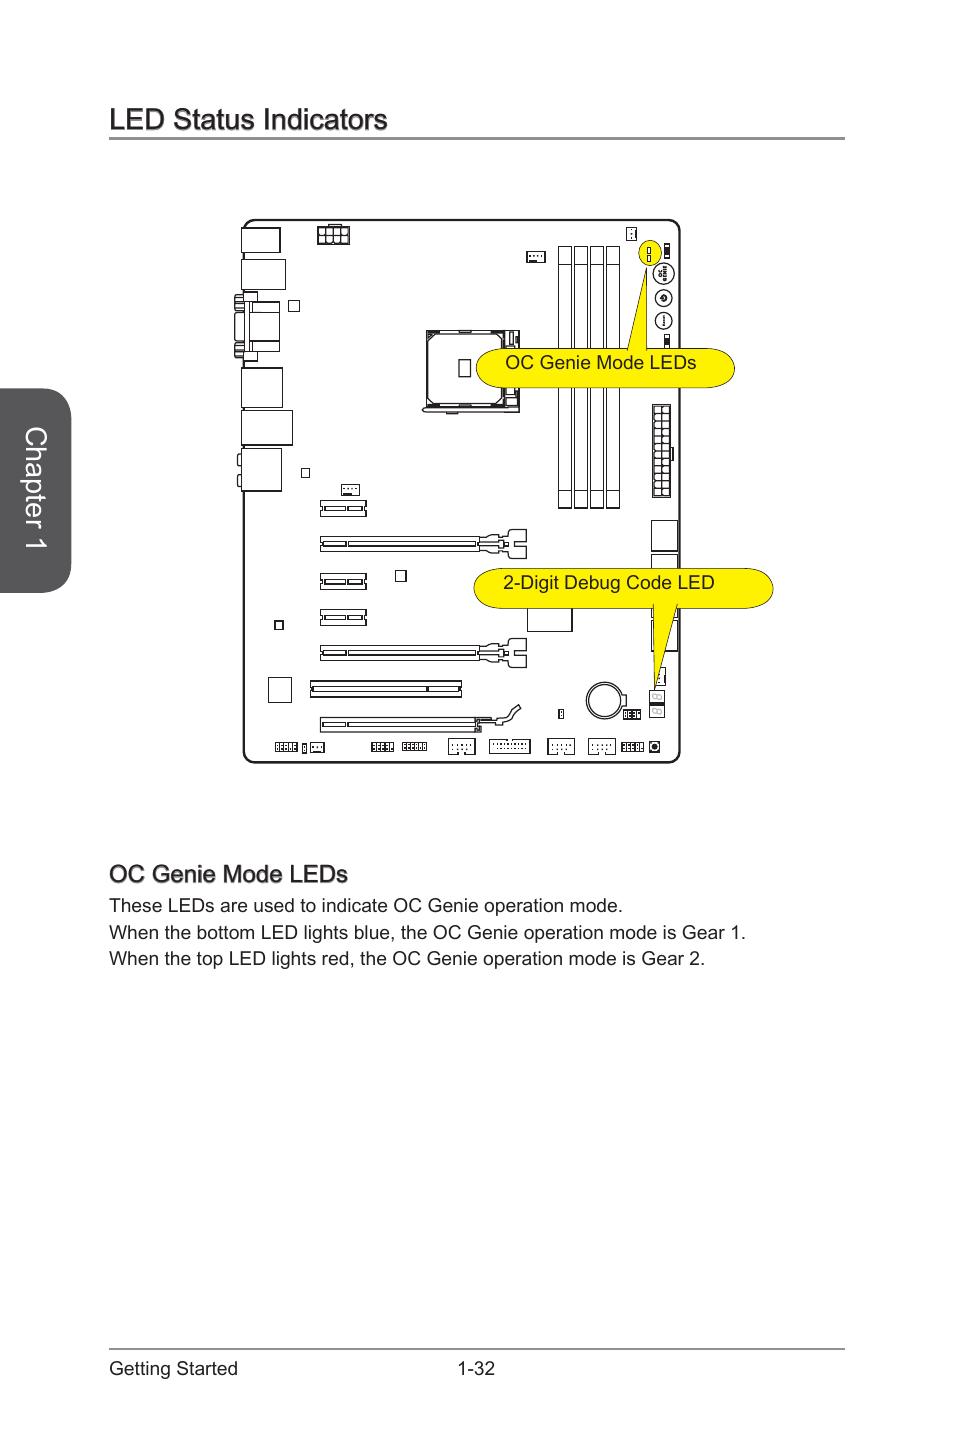 Led status indicators -32, Oc genie mode leds -32, Chapter 1